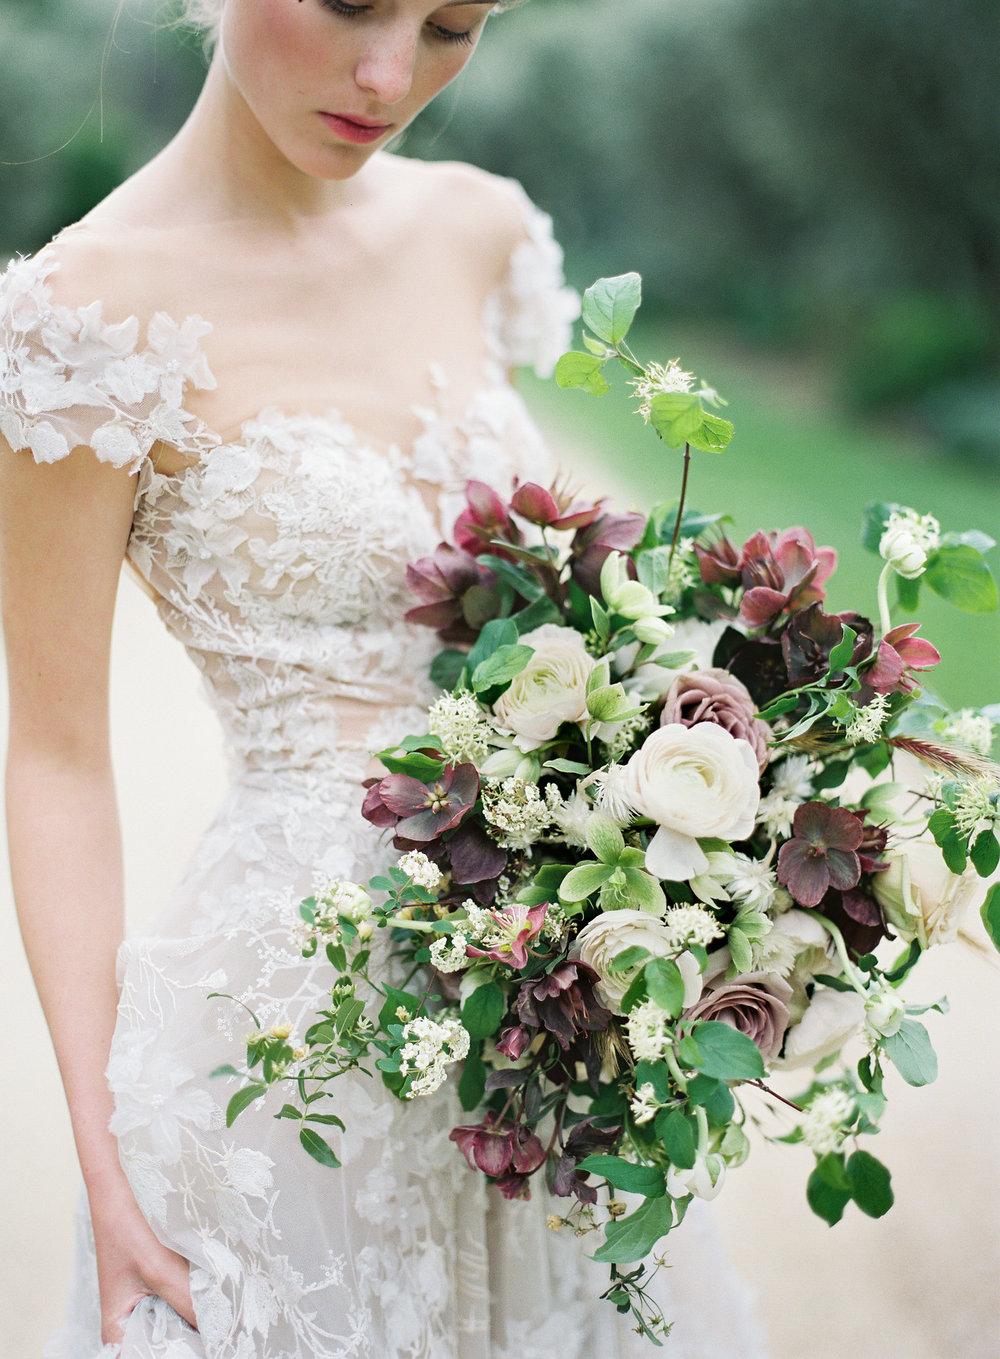 designs-by-hemingway-hellebore-bridal-bouquet-.jpg